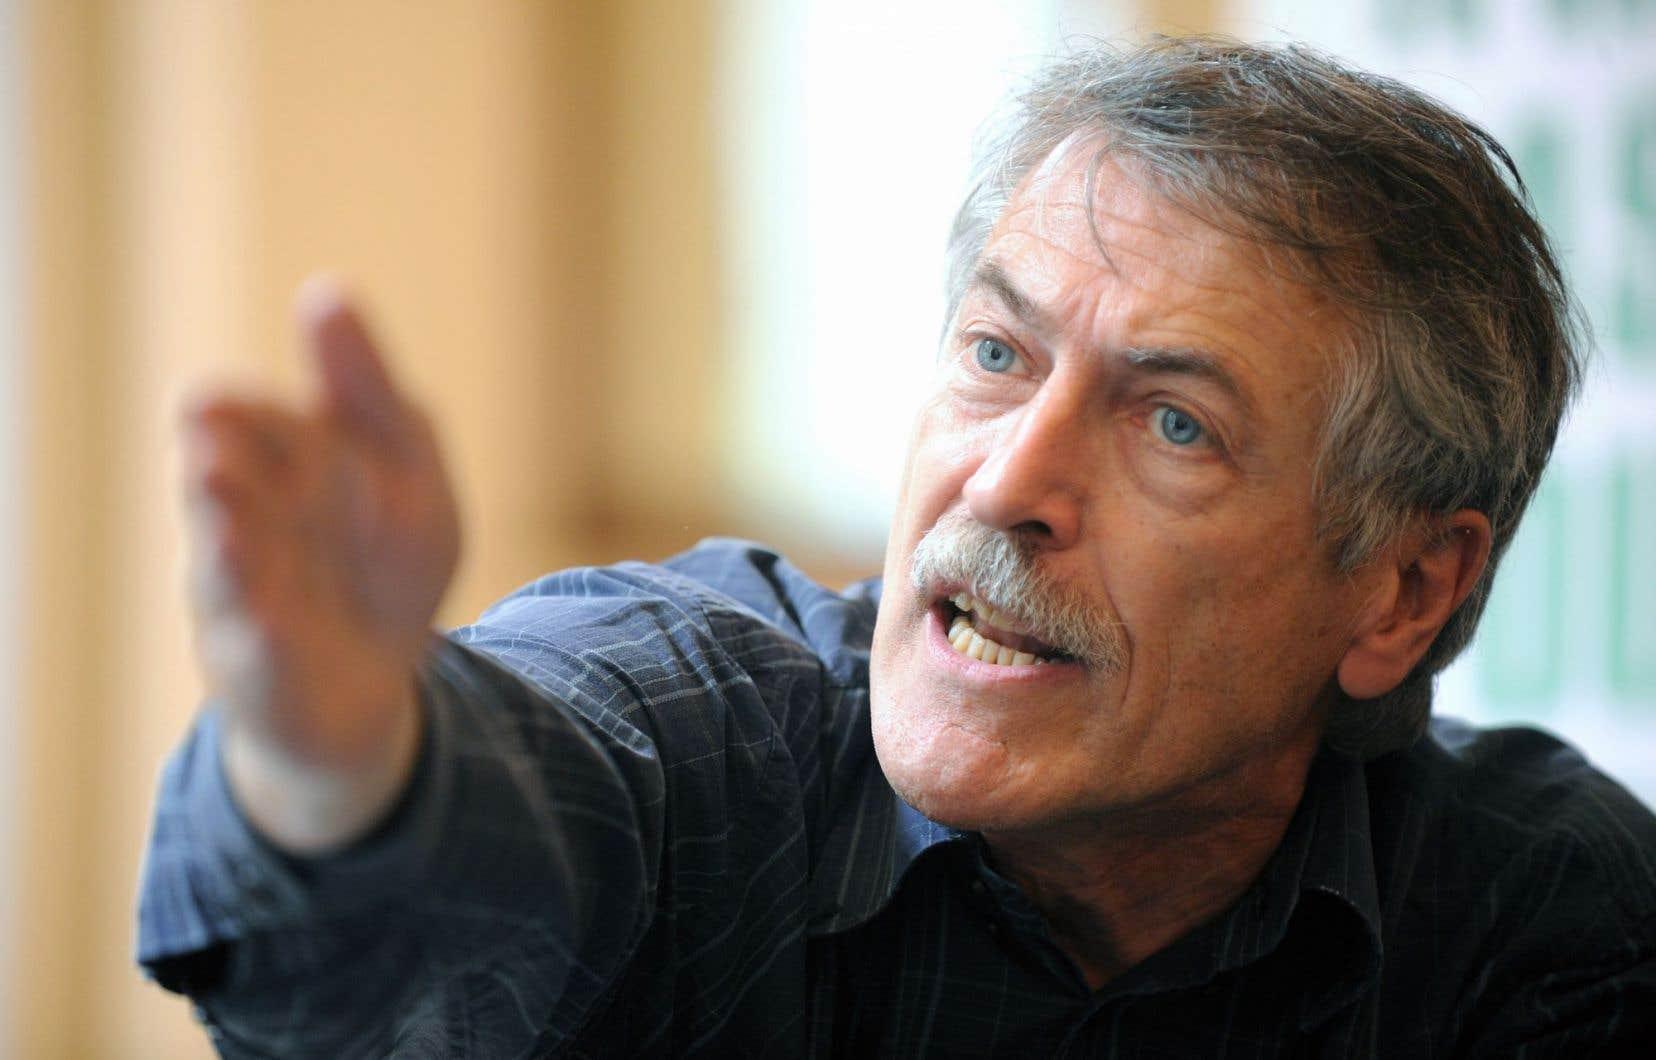 L'homme politique et économiste français Alain Lipietz participera au 5e colloque international du CRISES qui se tiendra à Montréal les 6 et 7 avril.